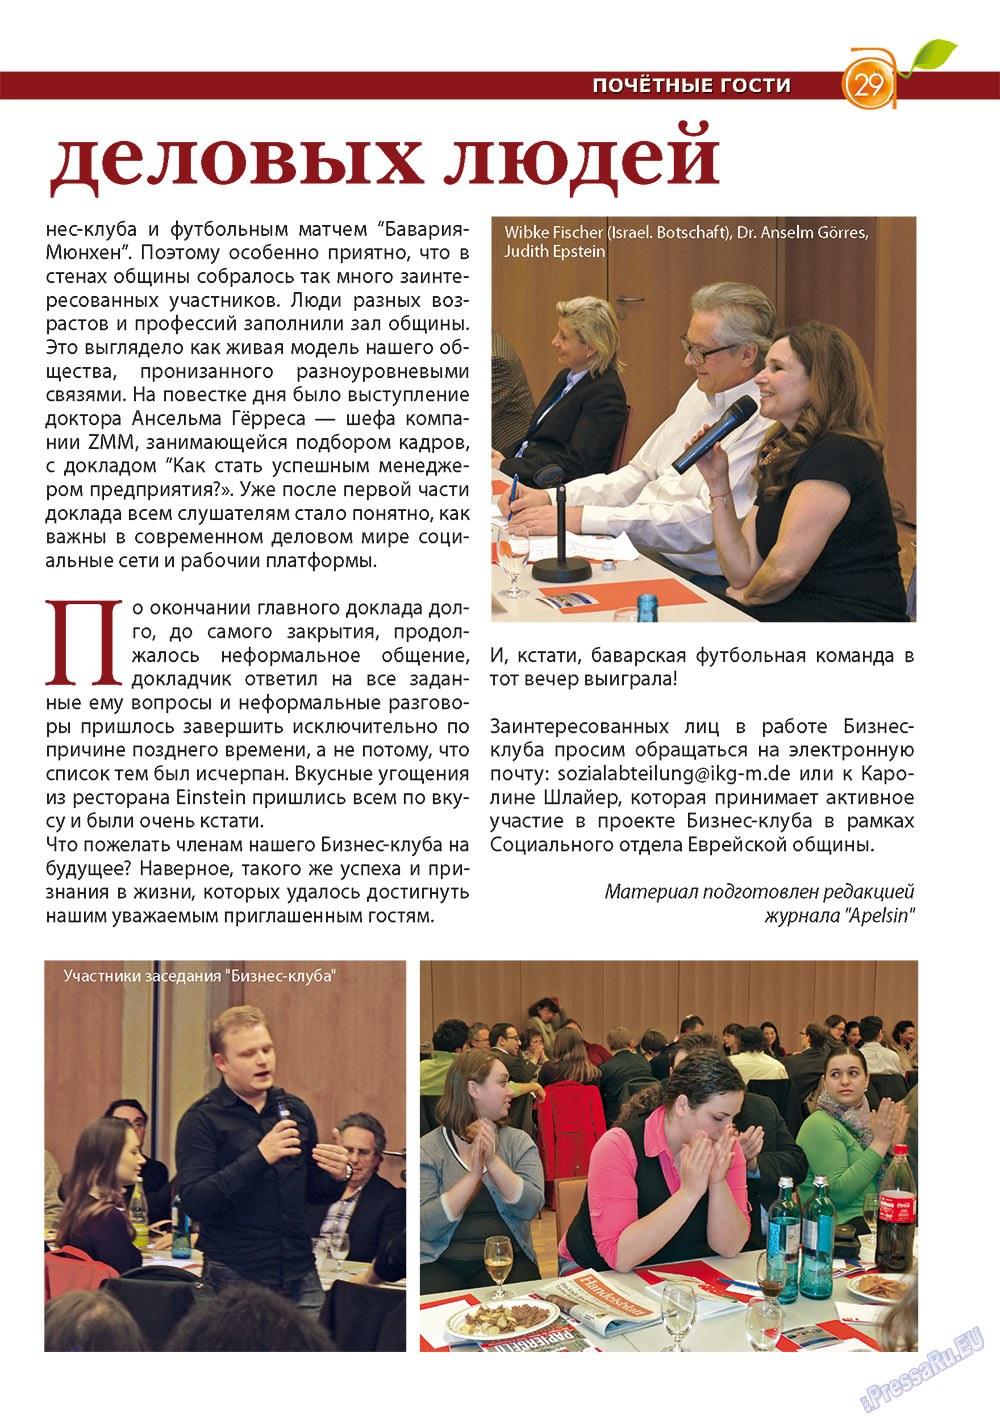 Апельсин (журнал). 2012 год, номер 33, стр. 29